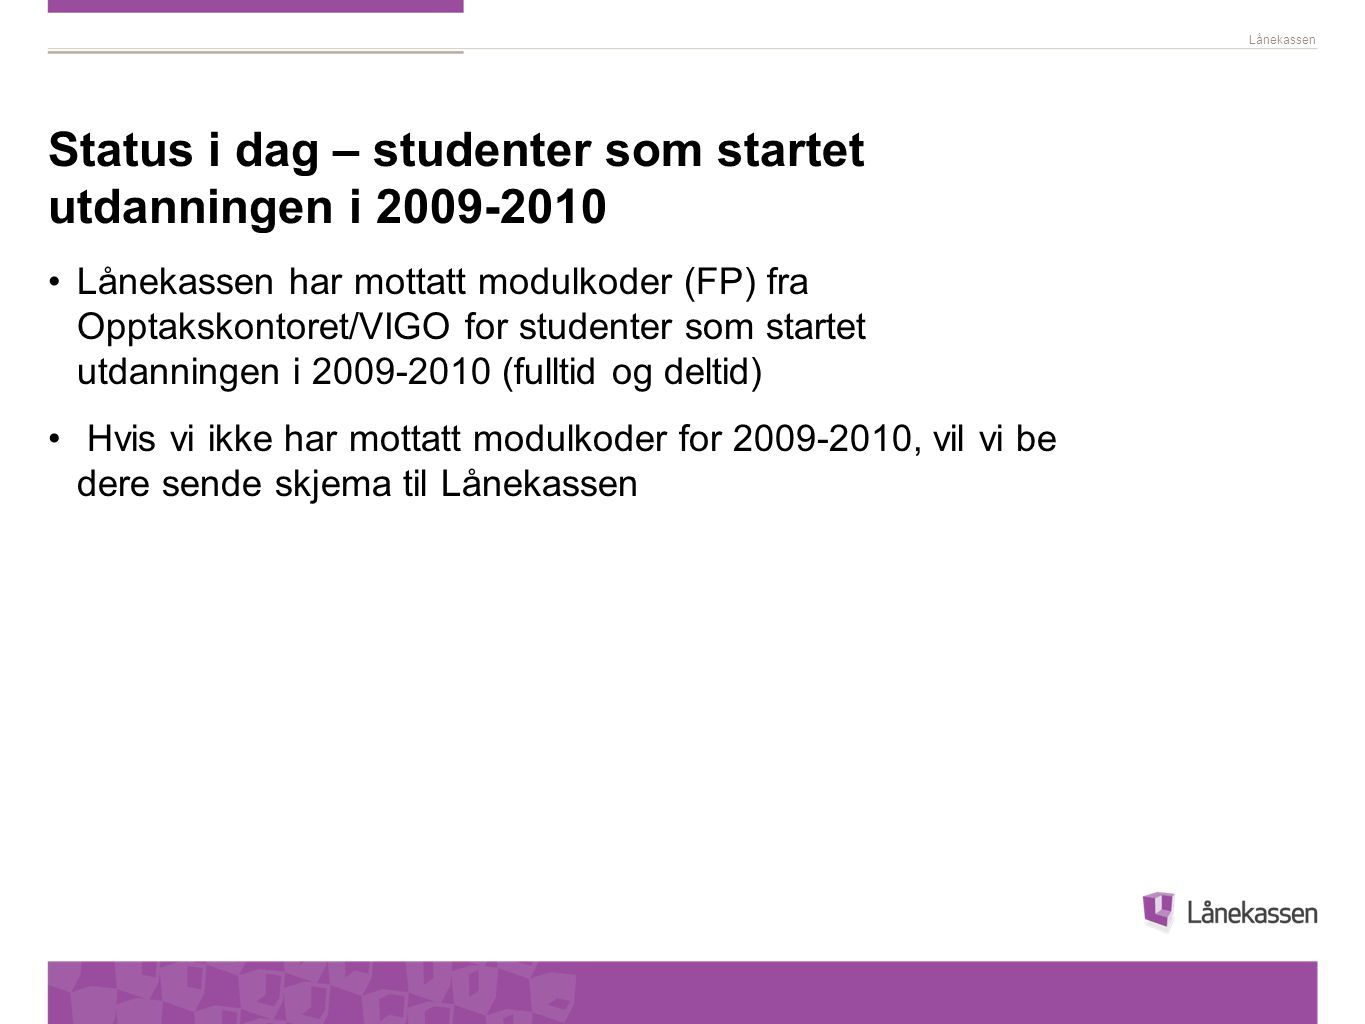 Lånekassen Status i dag – studenter som startet utdanningen i 2009-2010 Lånekassen har mottatt modulkoder (FP) fra Opptakskontoret/VIGO for studenter som startet utdanningen i 2009-2010 (fulltid og deltid) Hvis vi ikke har mottatt modulkoder for 2009-2010, vil vi be dere sende skjema til Lånekassen